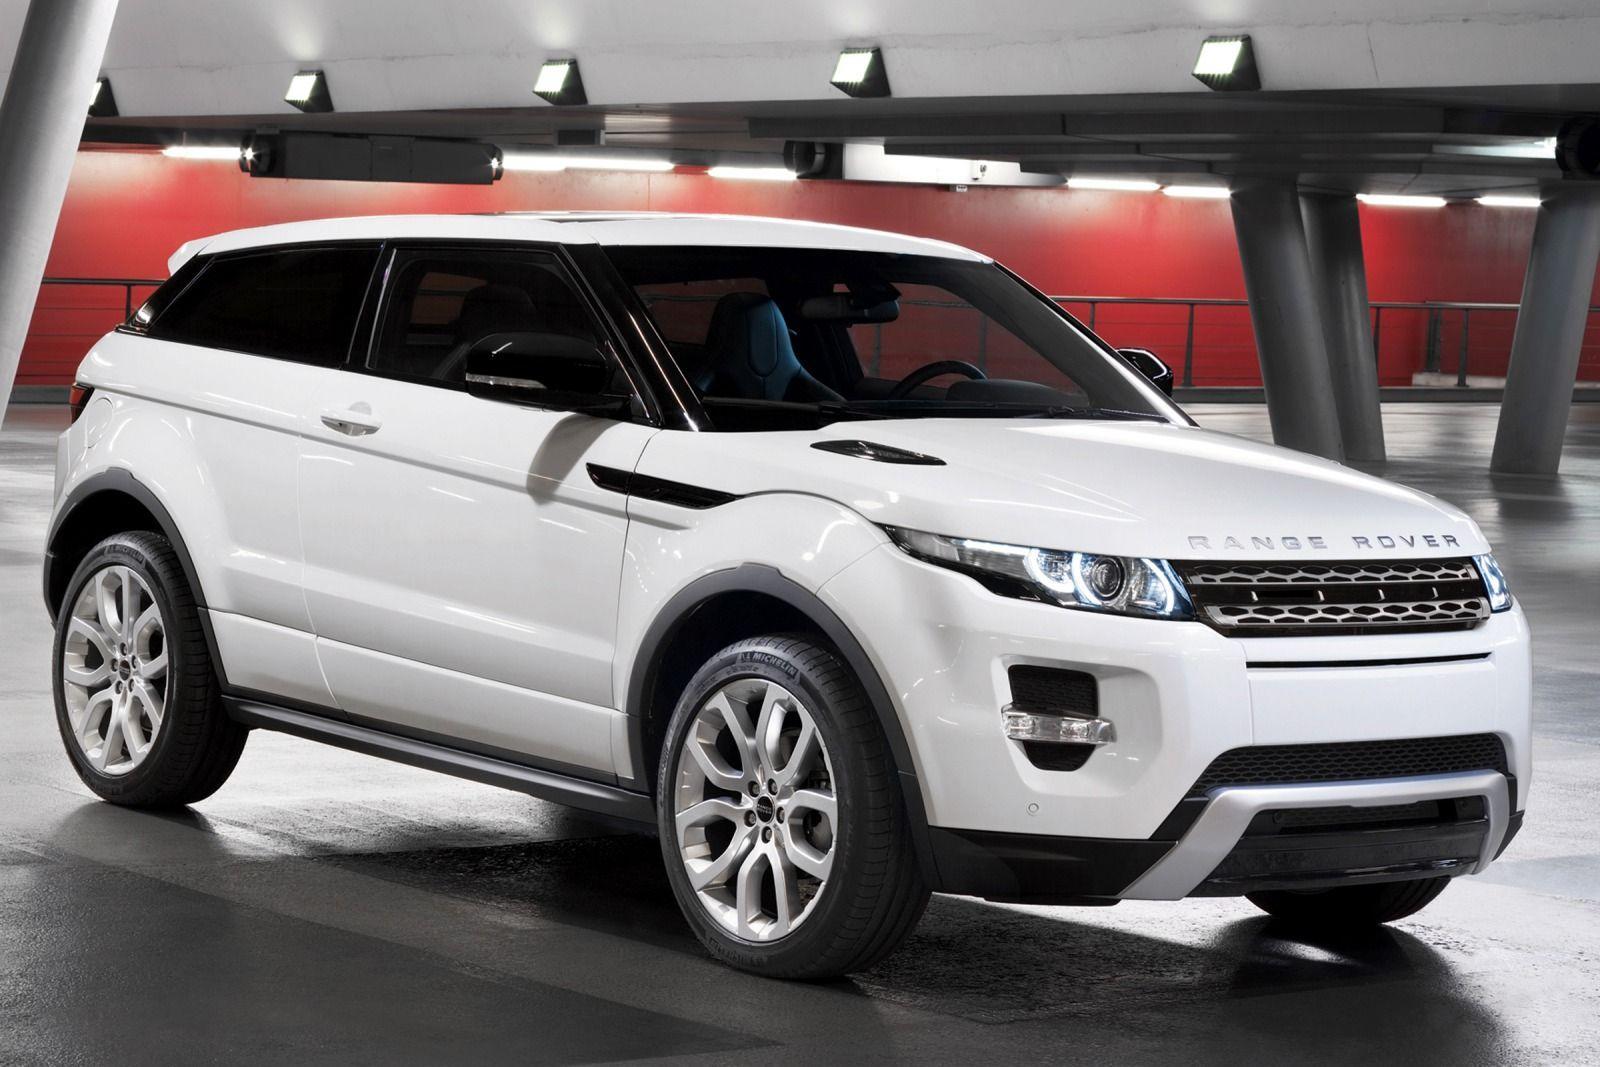 2015 Land Rover Range Rover Evoque - Information and photos ...